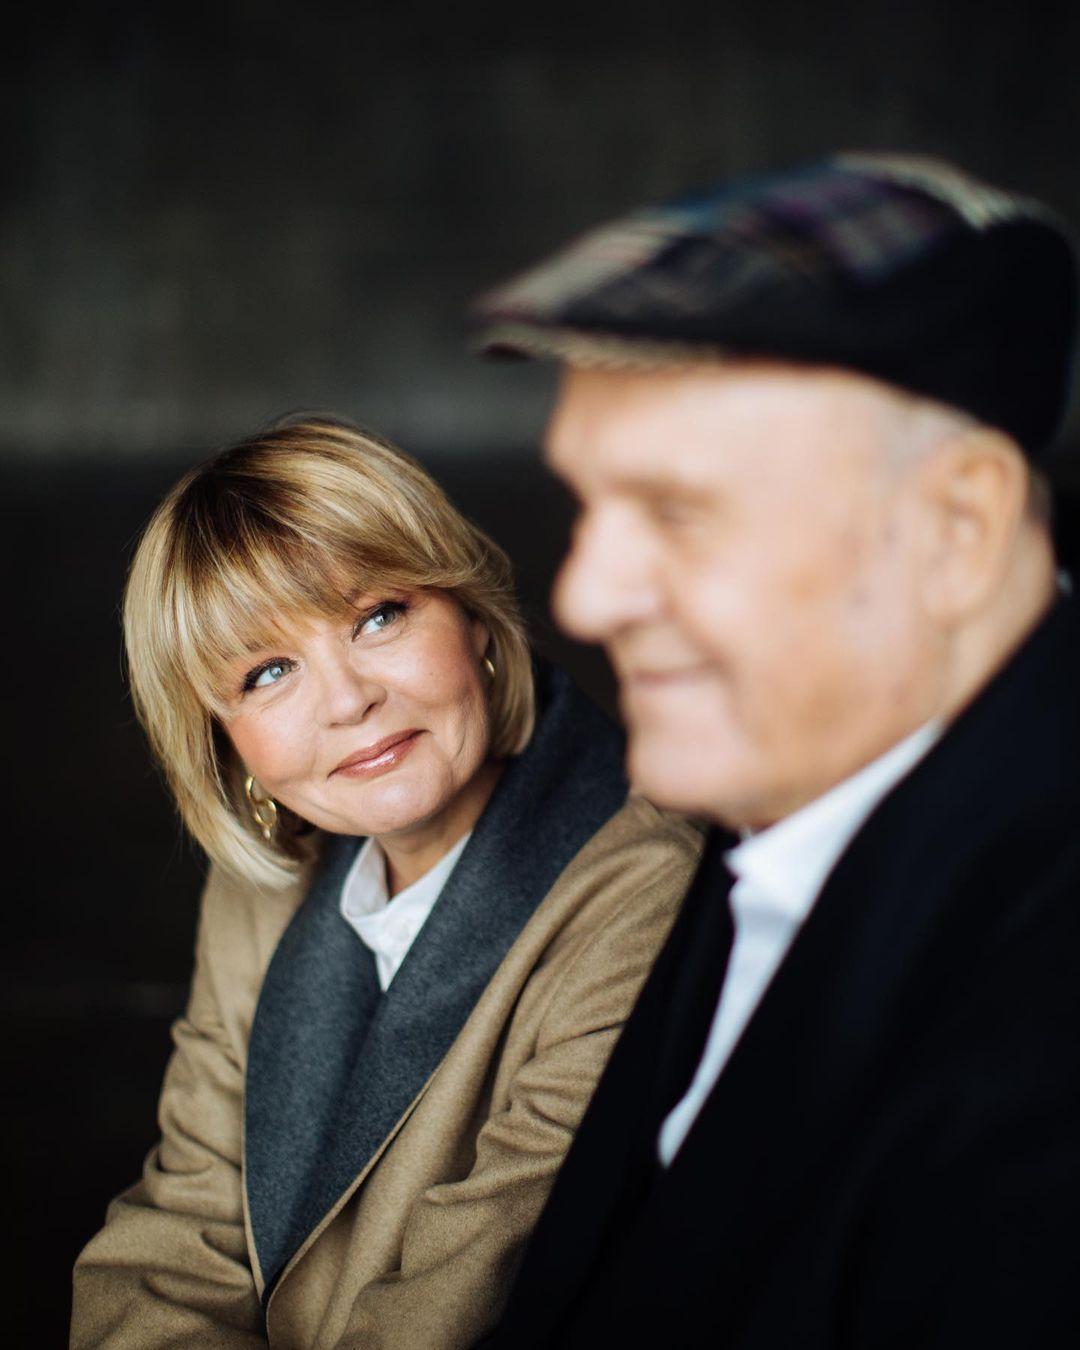 Юлия Меньшова столкнулась с травлей после смерти отца